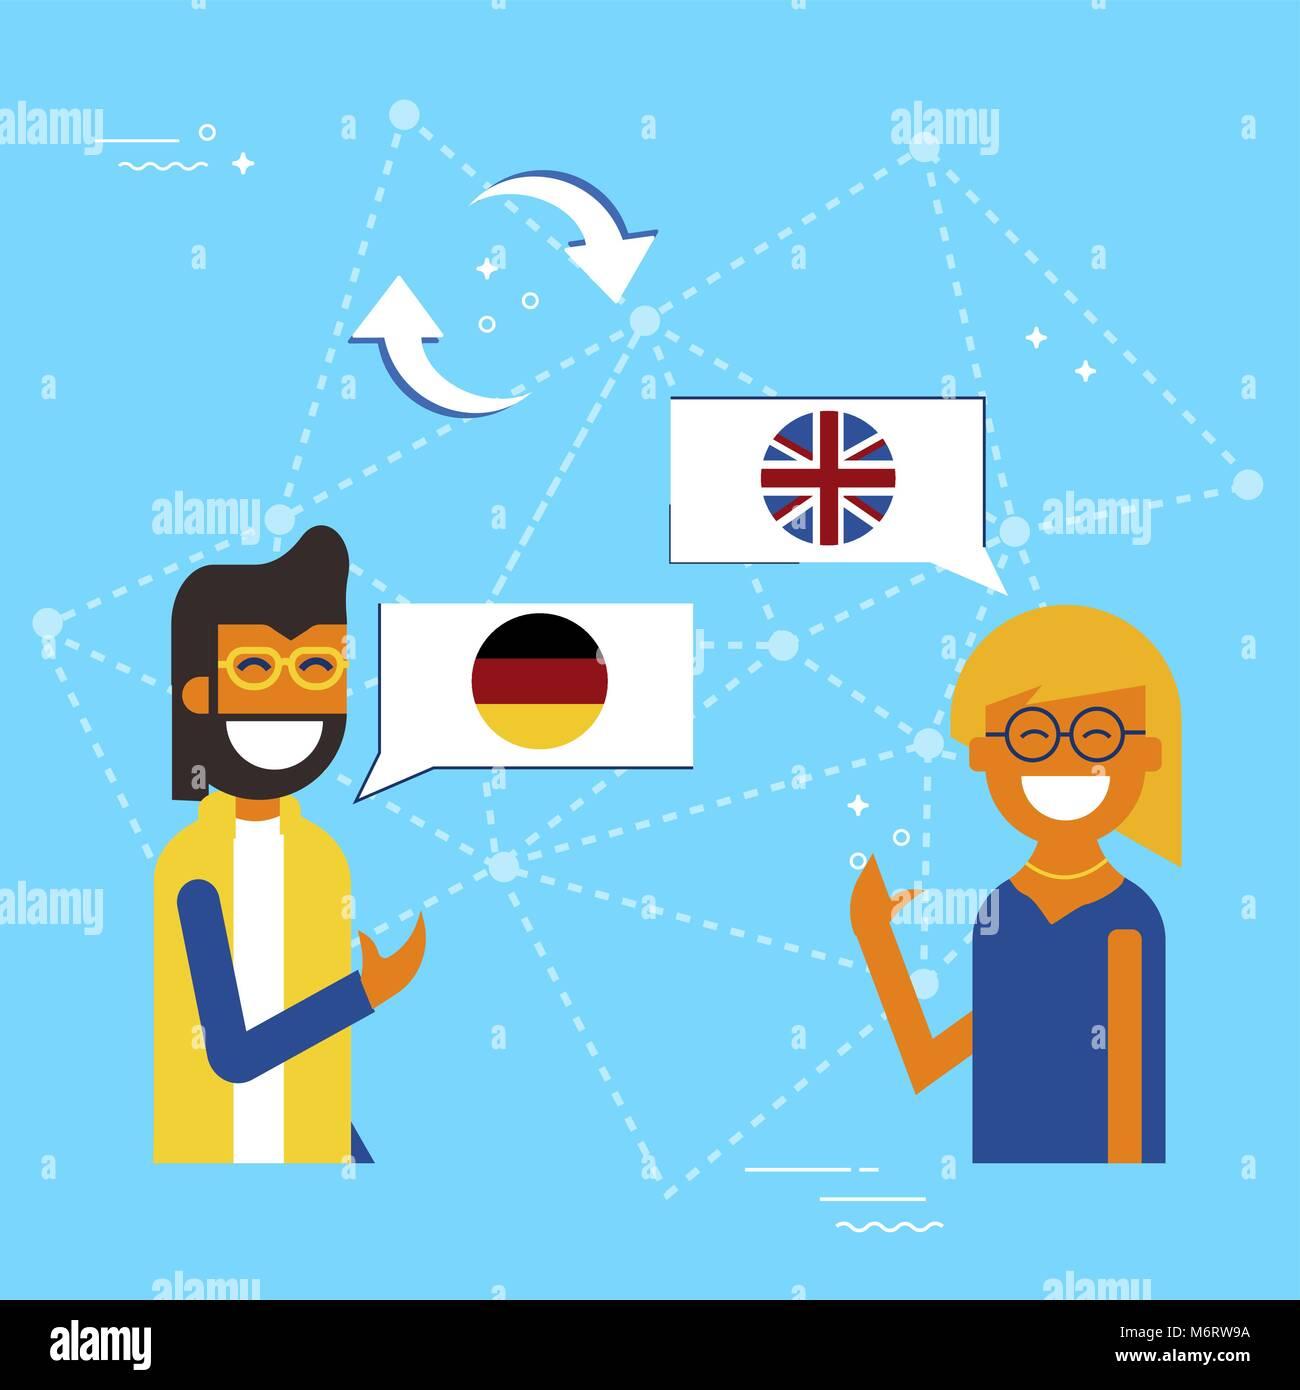 EFFIE: International friends online